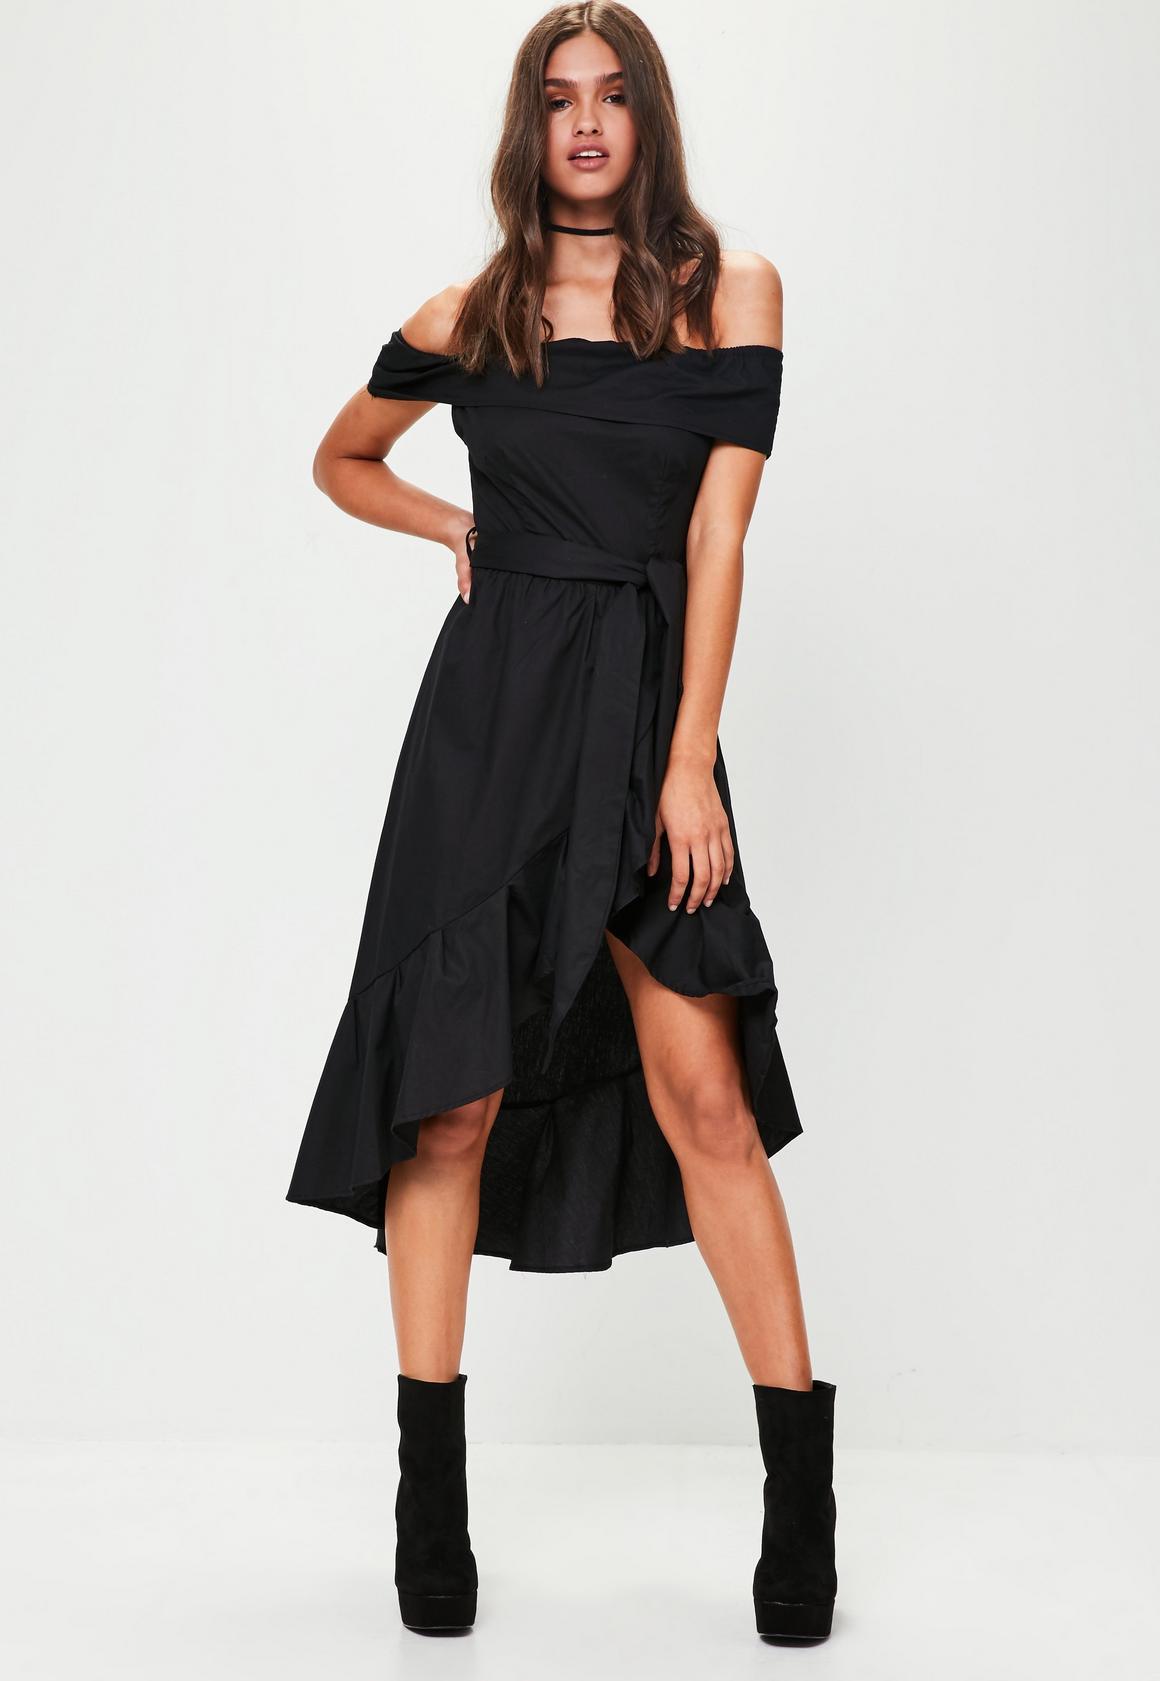 Black dress next day delivery - Black Bardot Frill Asymmetric Dress Black Bardot Frill Asymmetric Dress